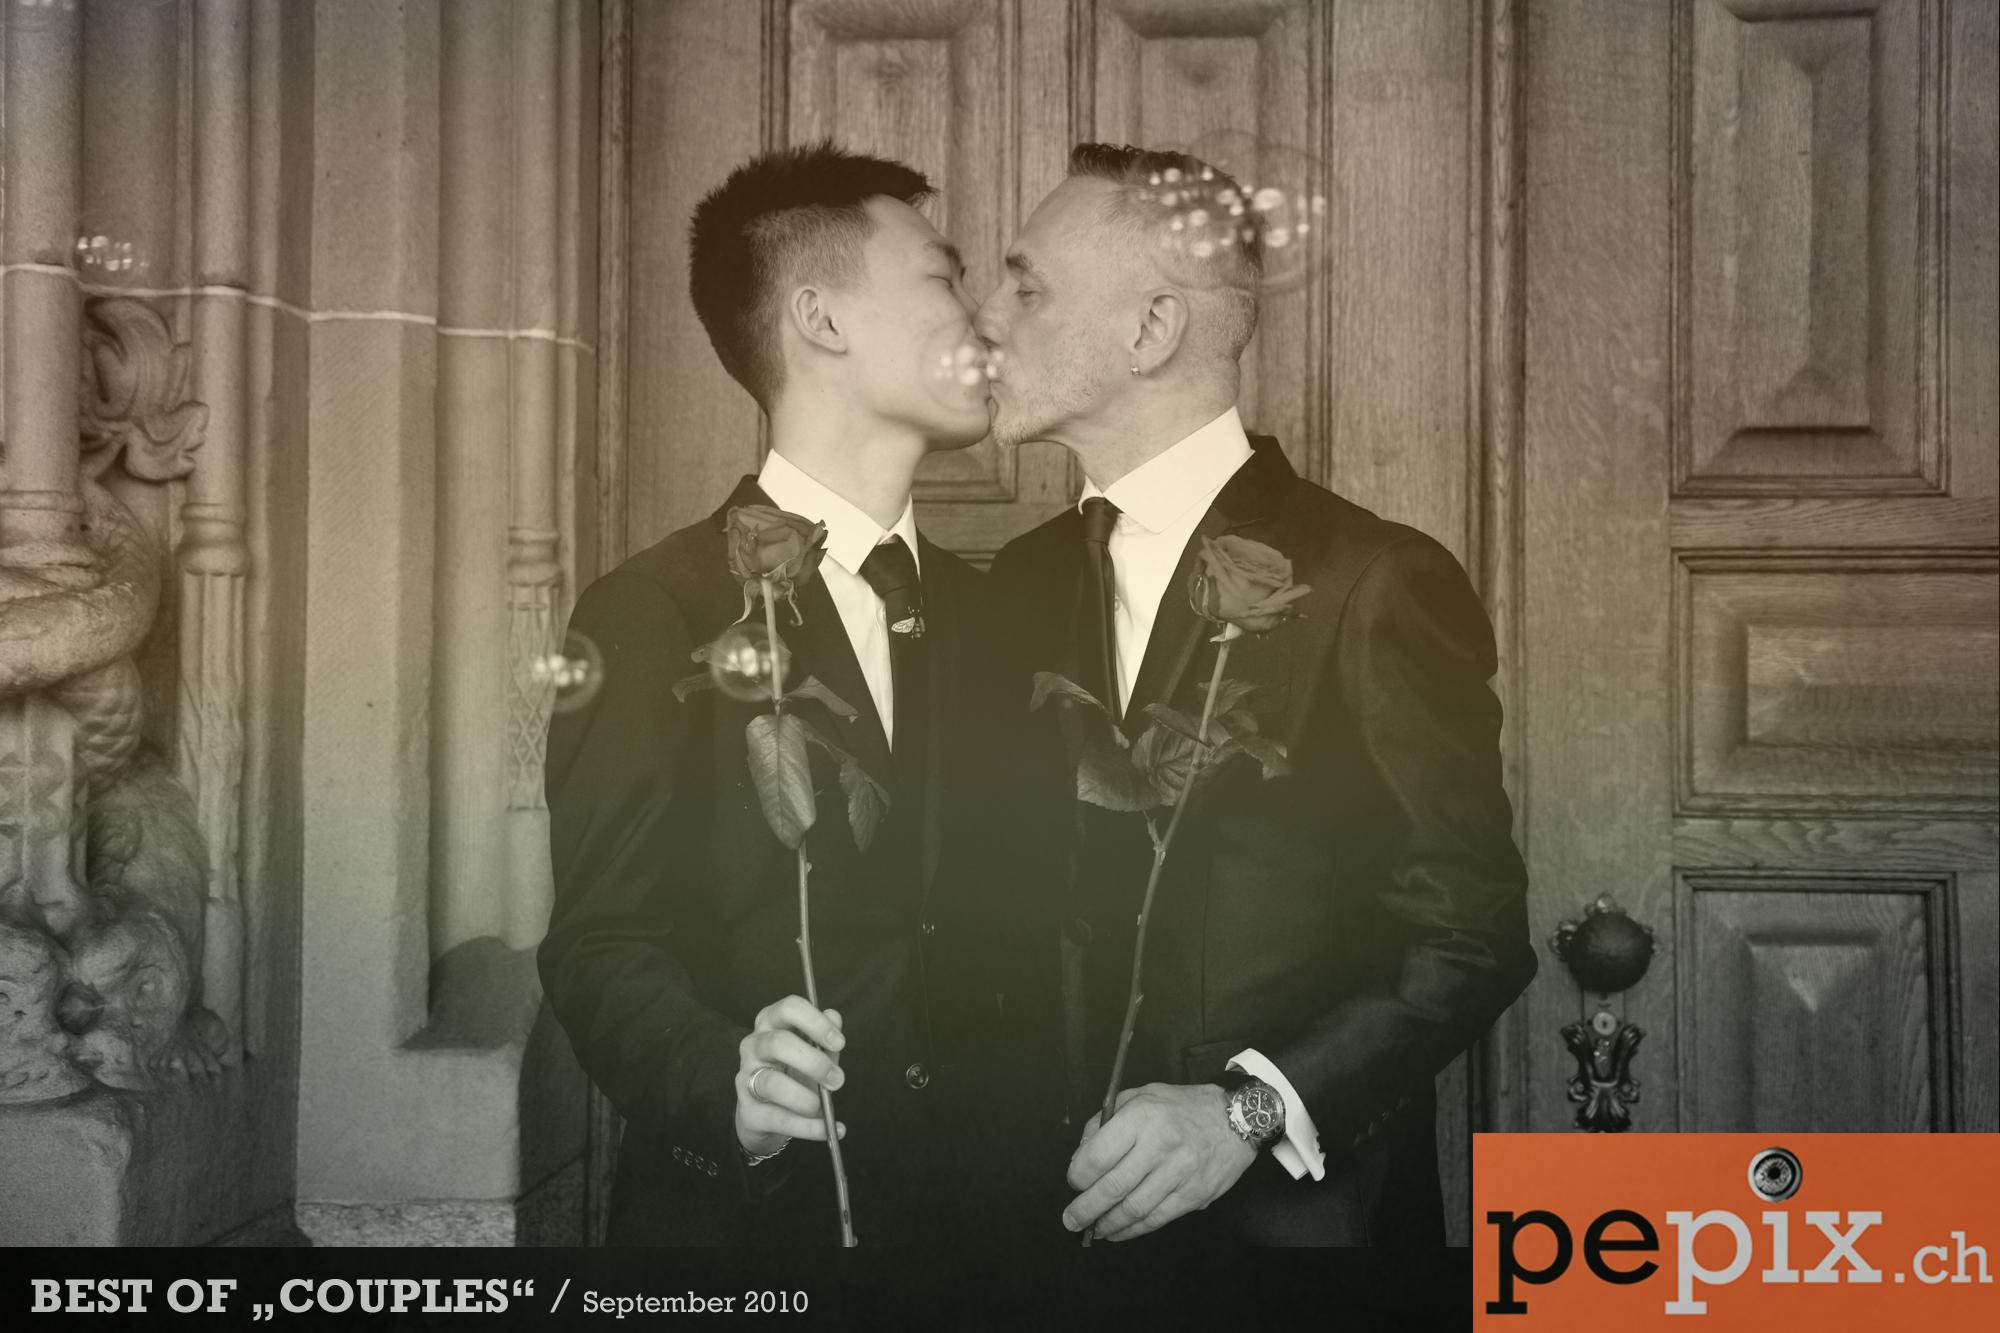 COUPLE LGBTI